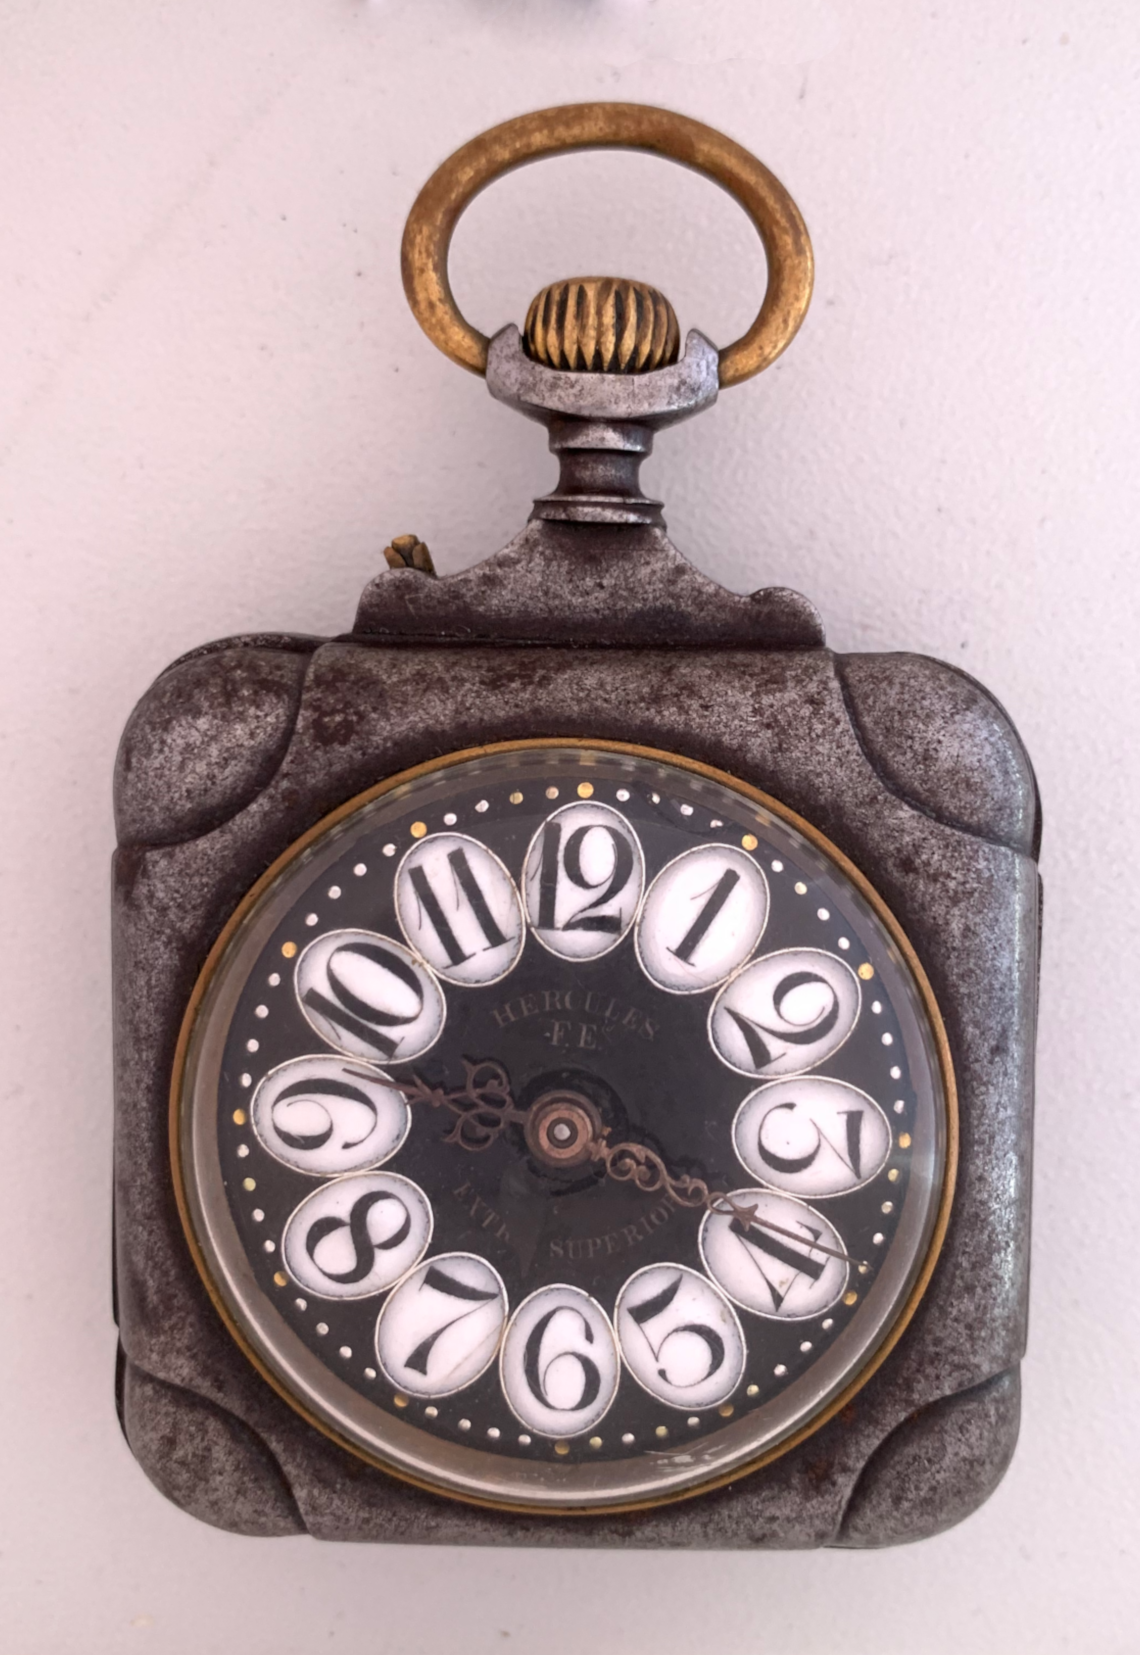 De Reloj Internacional Alta F eMuseo Hércules Cuadrado Relojería 3LAj54Rq